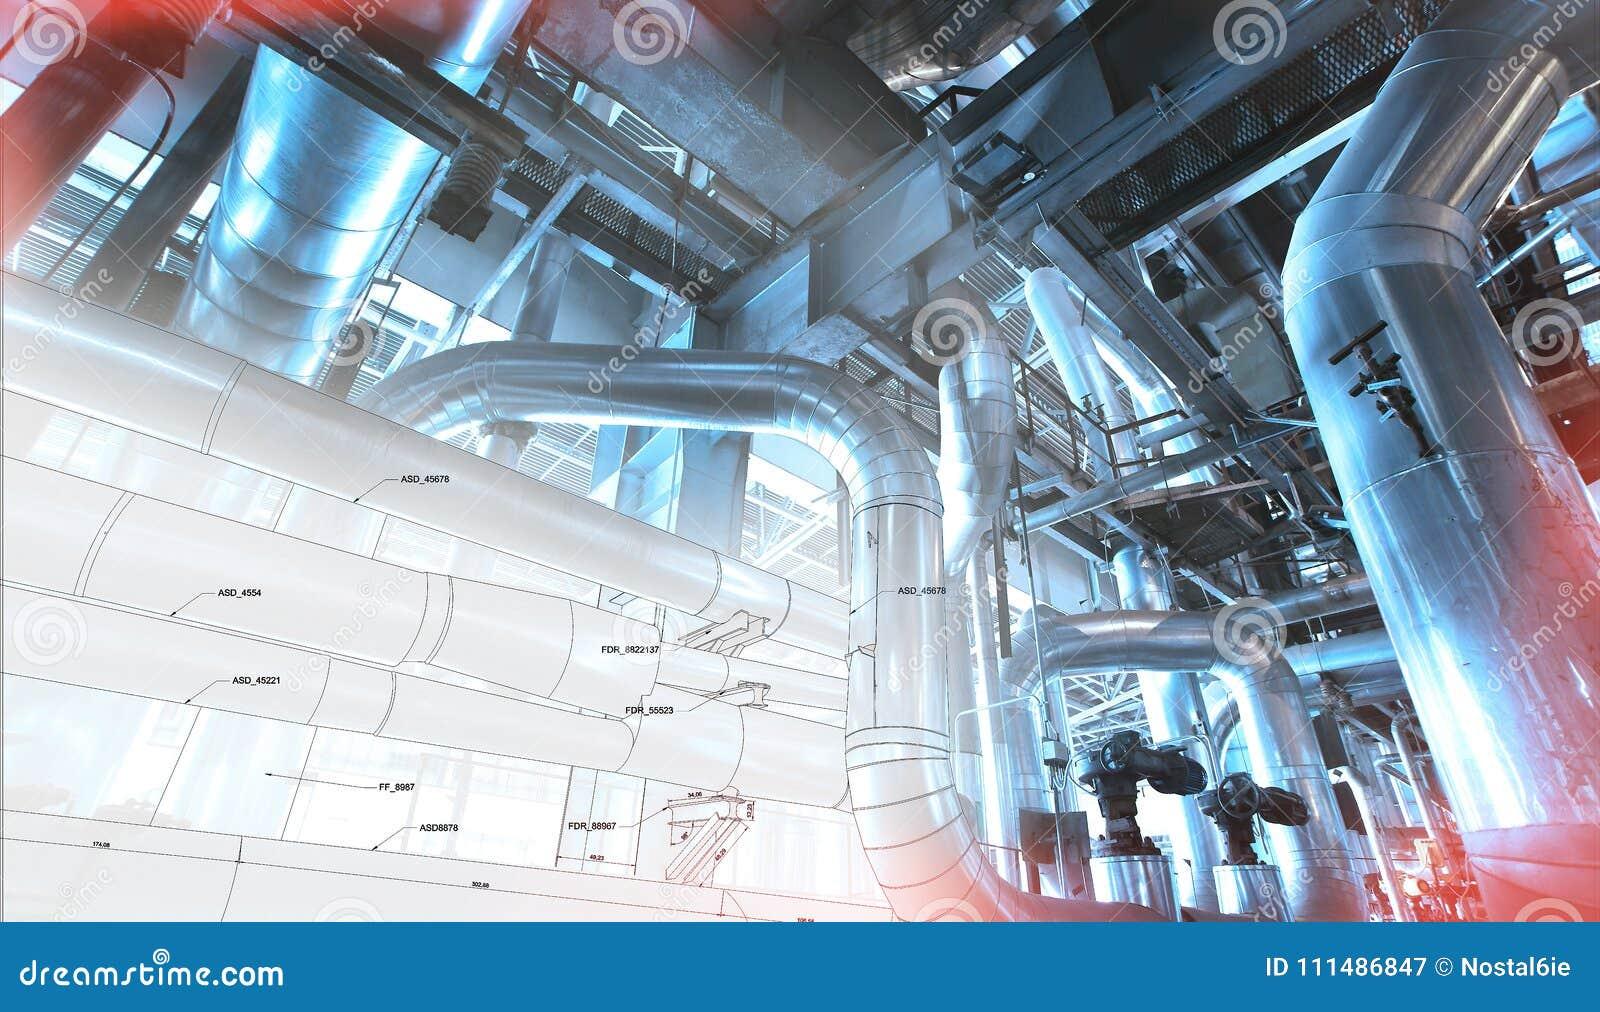 Skissa av att leda i rör design med foto för industriell utrustning